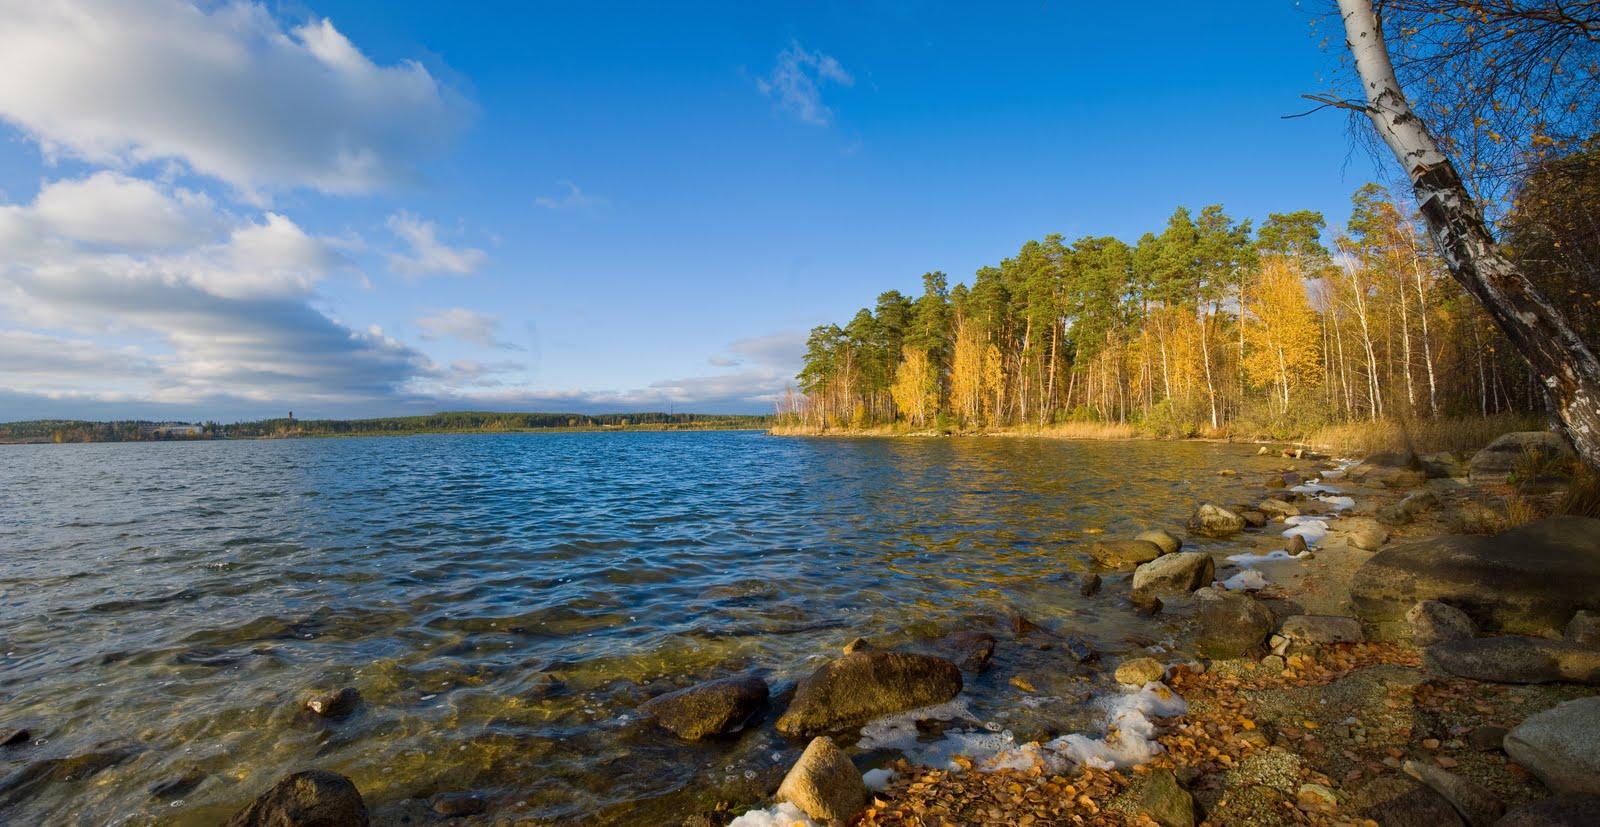 рыбалка на озере дикое в пермском крае